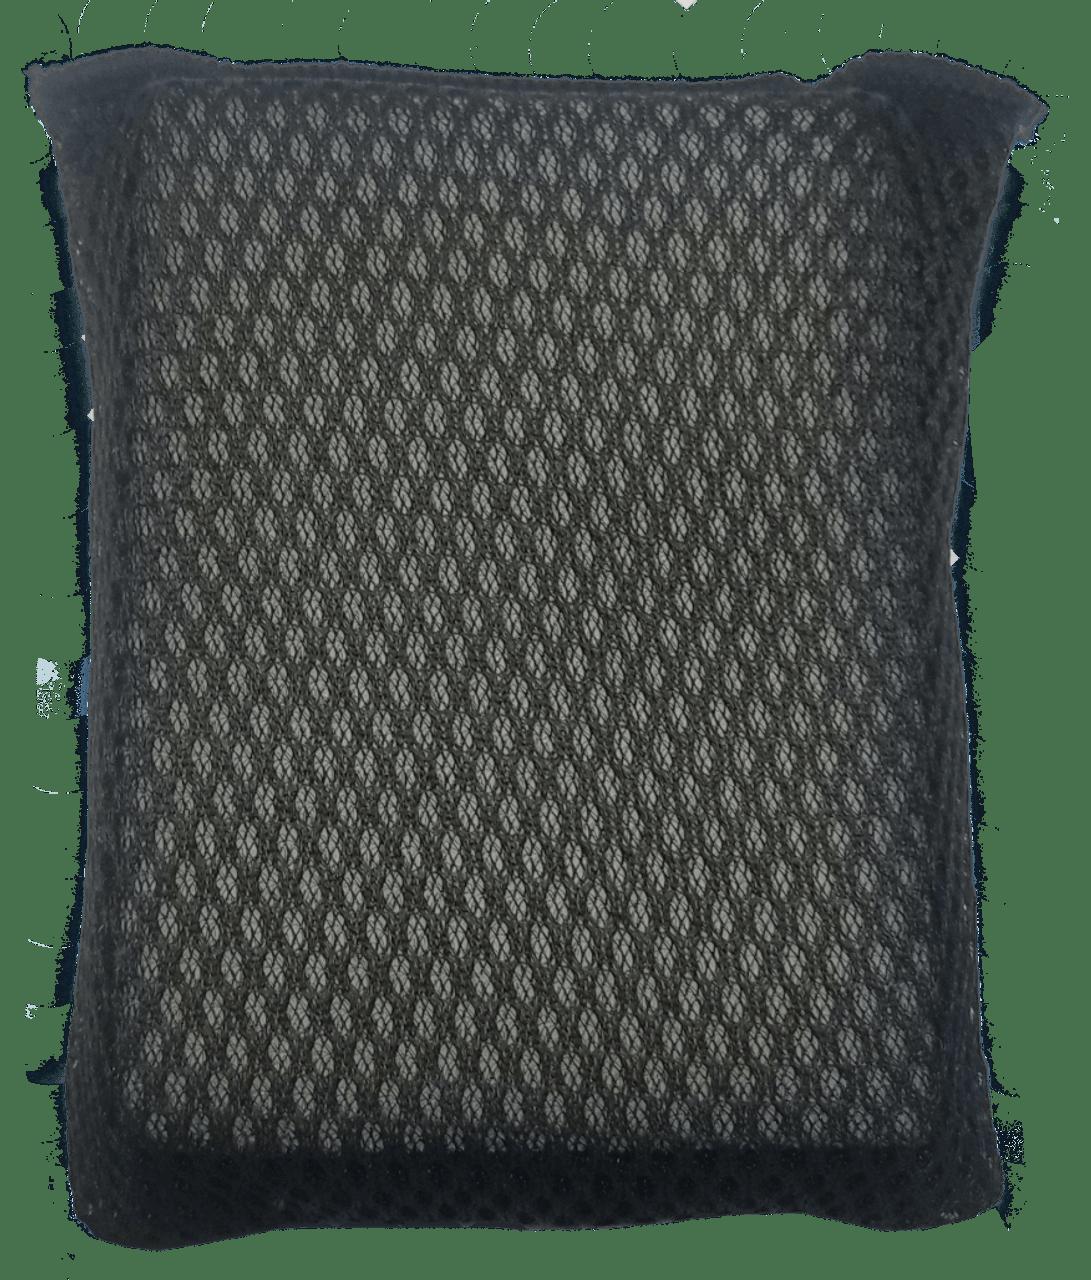 Reli Trusted Products Blue/Black Bug Sponge (Black Side)